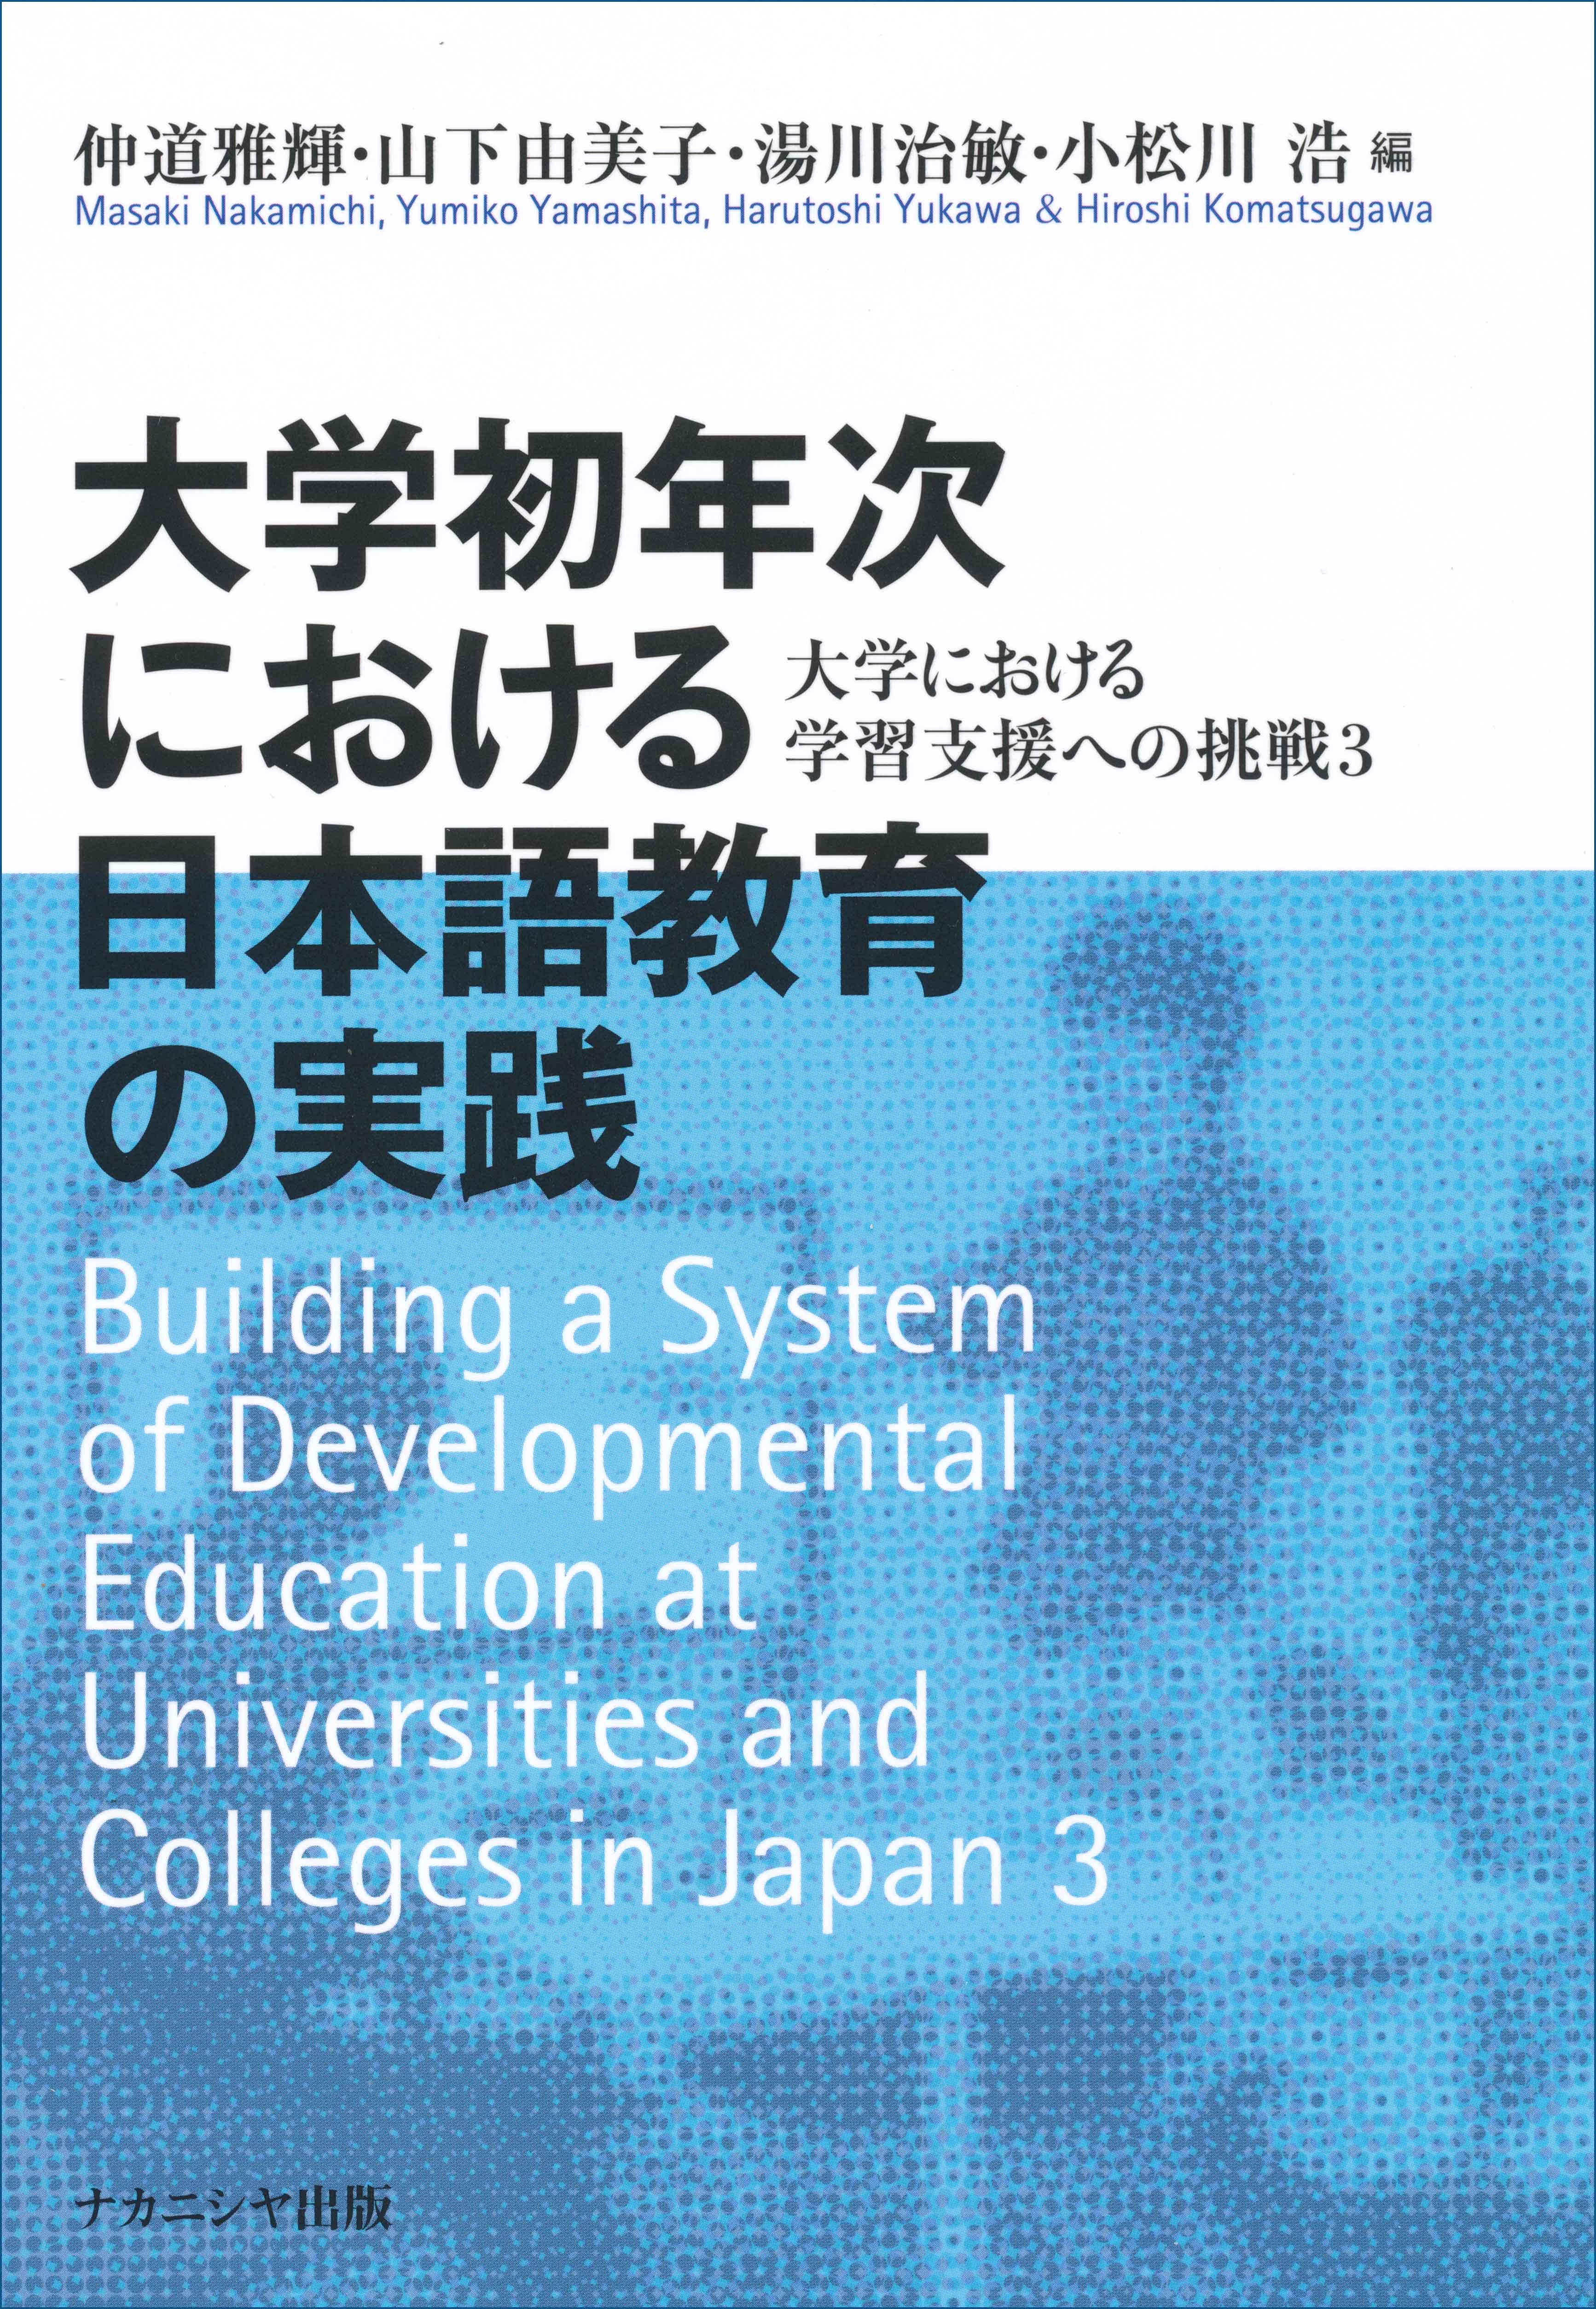 大学初年次における日本語教育の実践 大学における学習支援への挑戦3画像